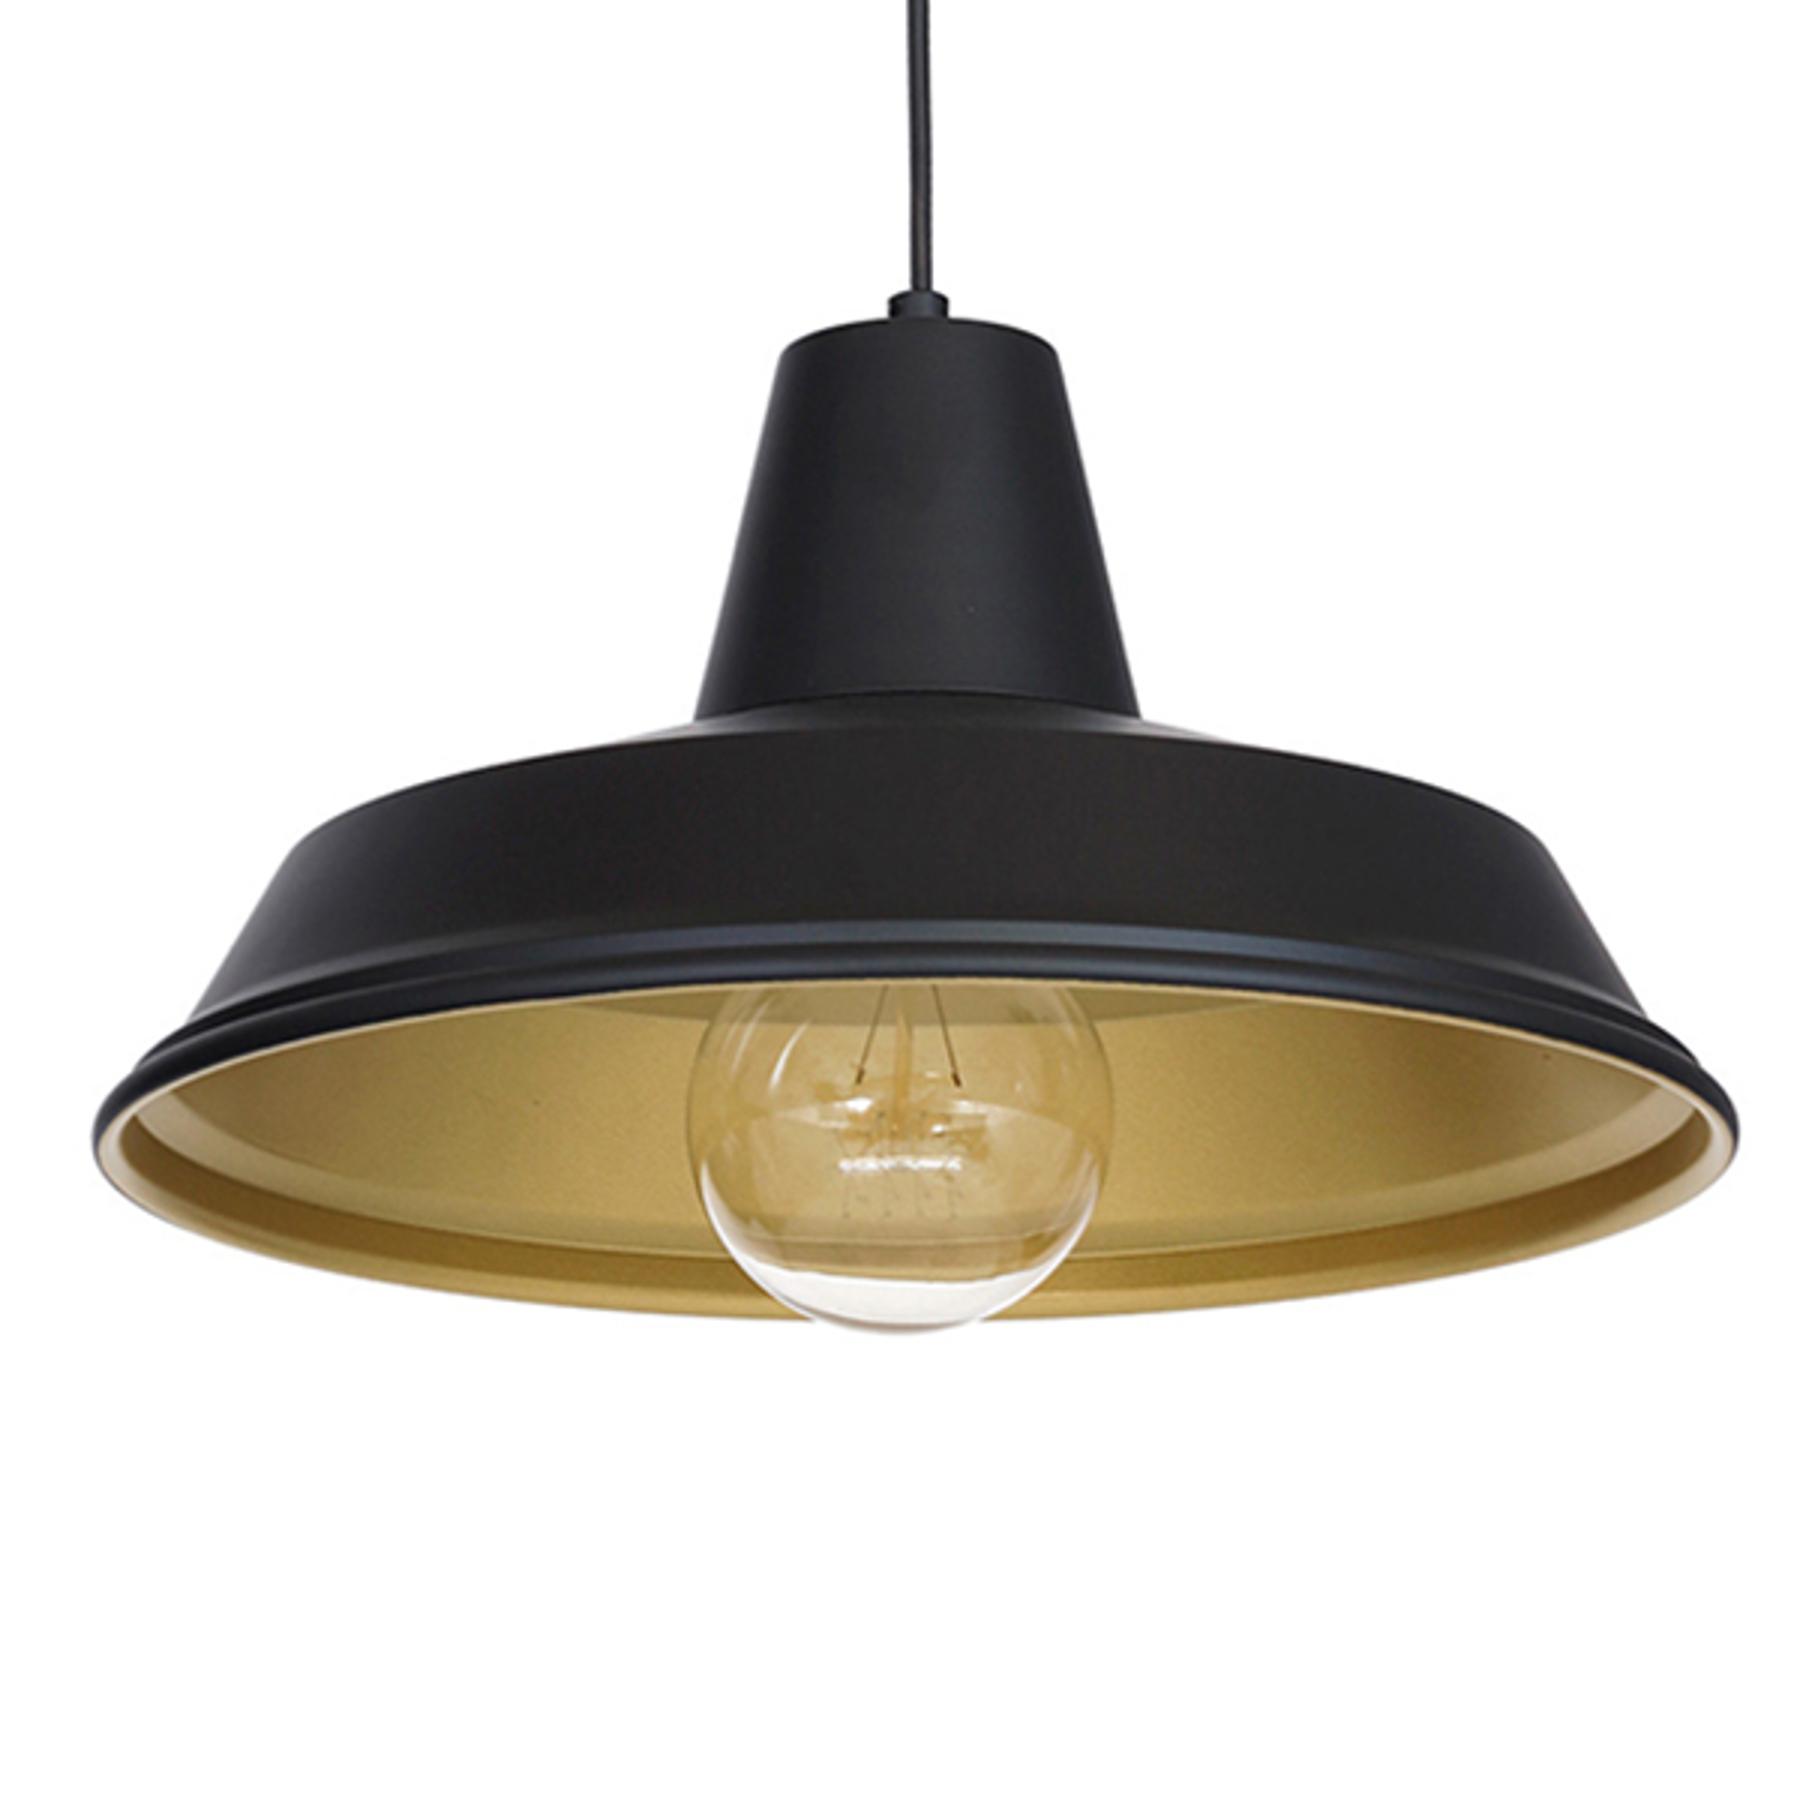 Lampa wisząca Class, czarna/złota